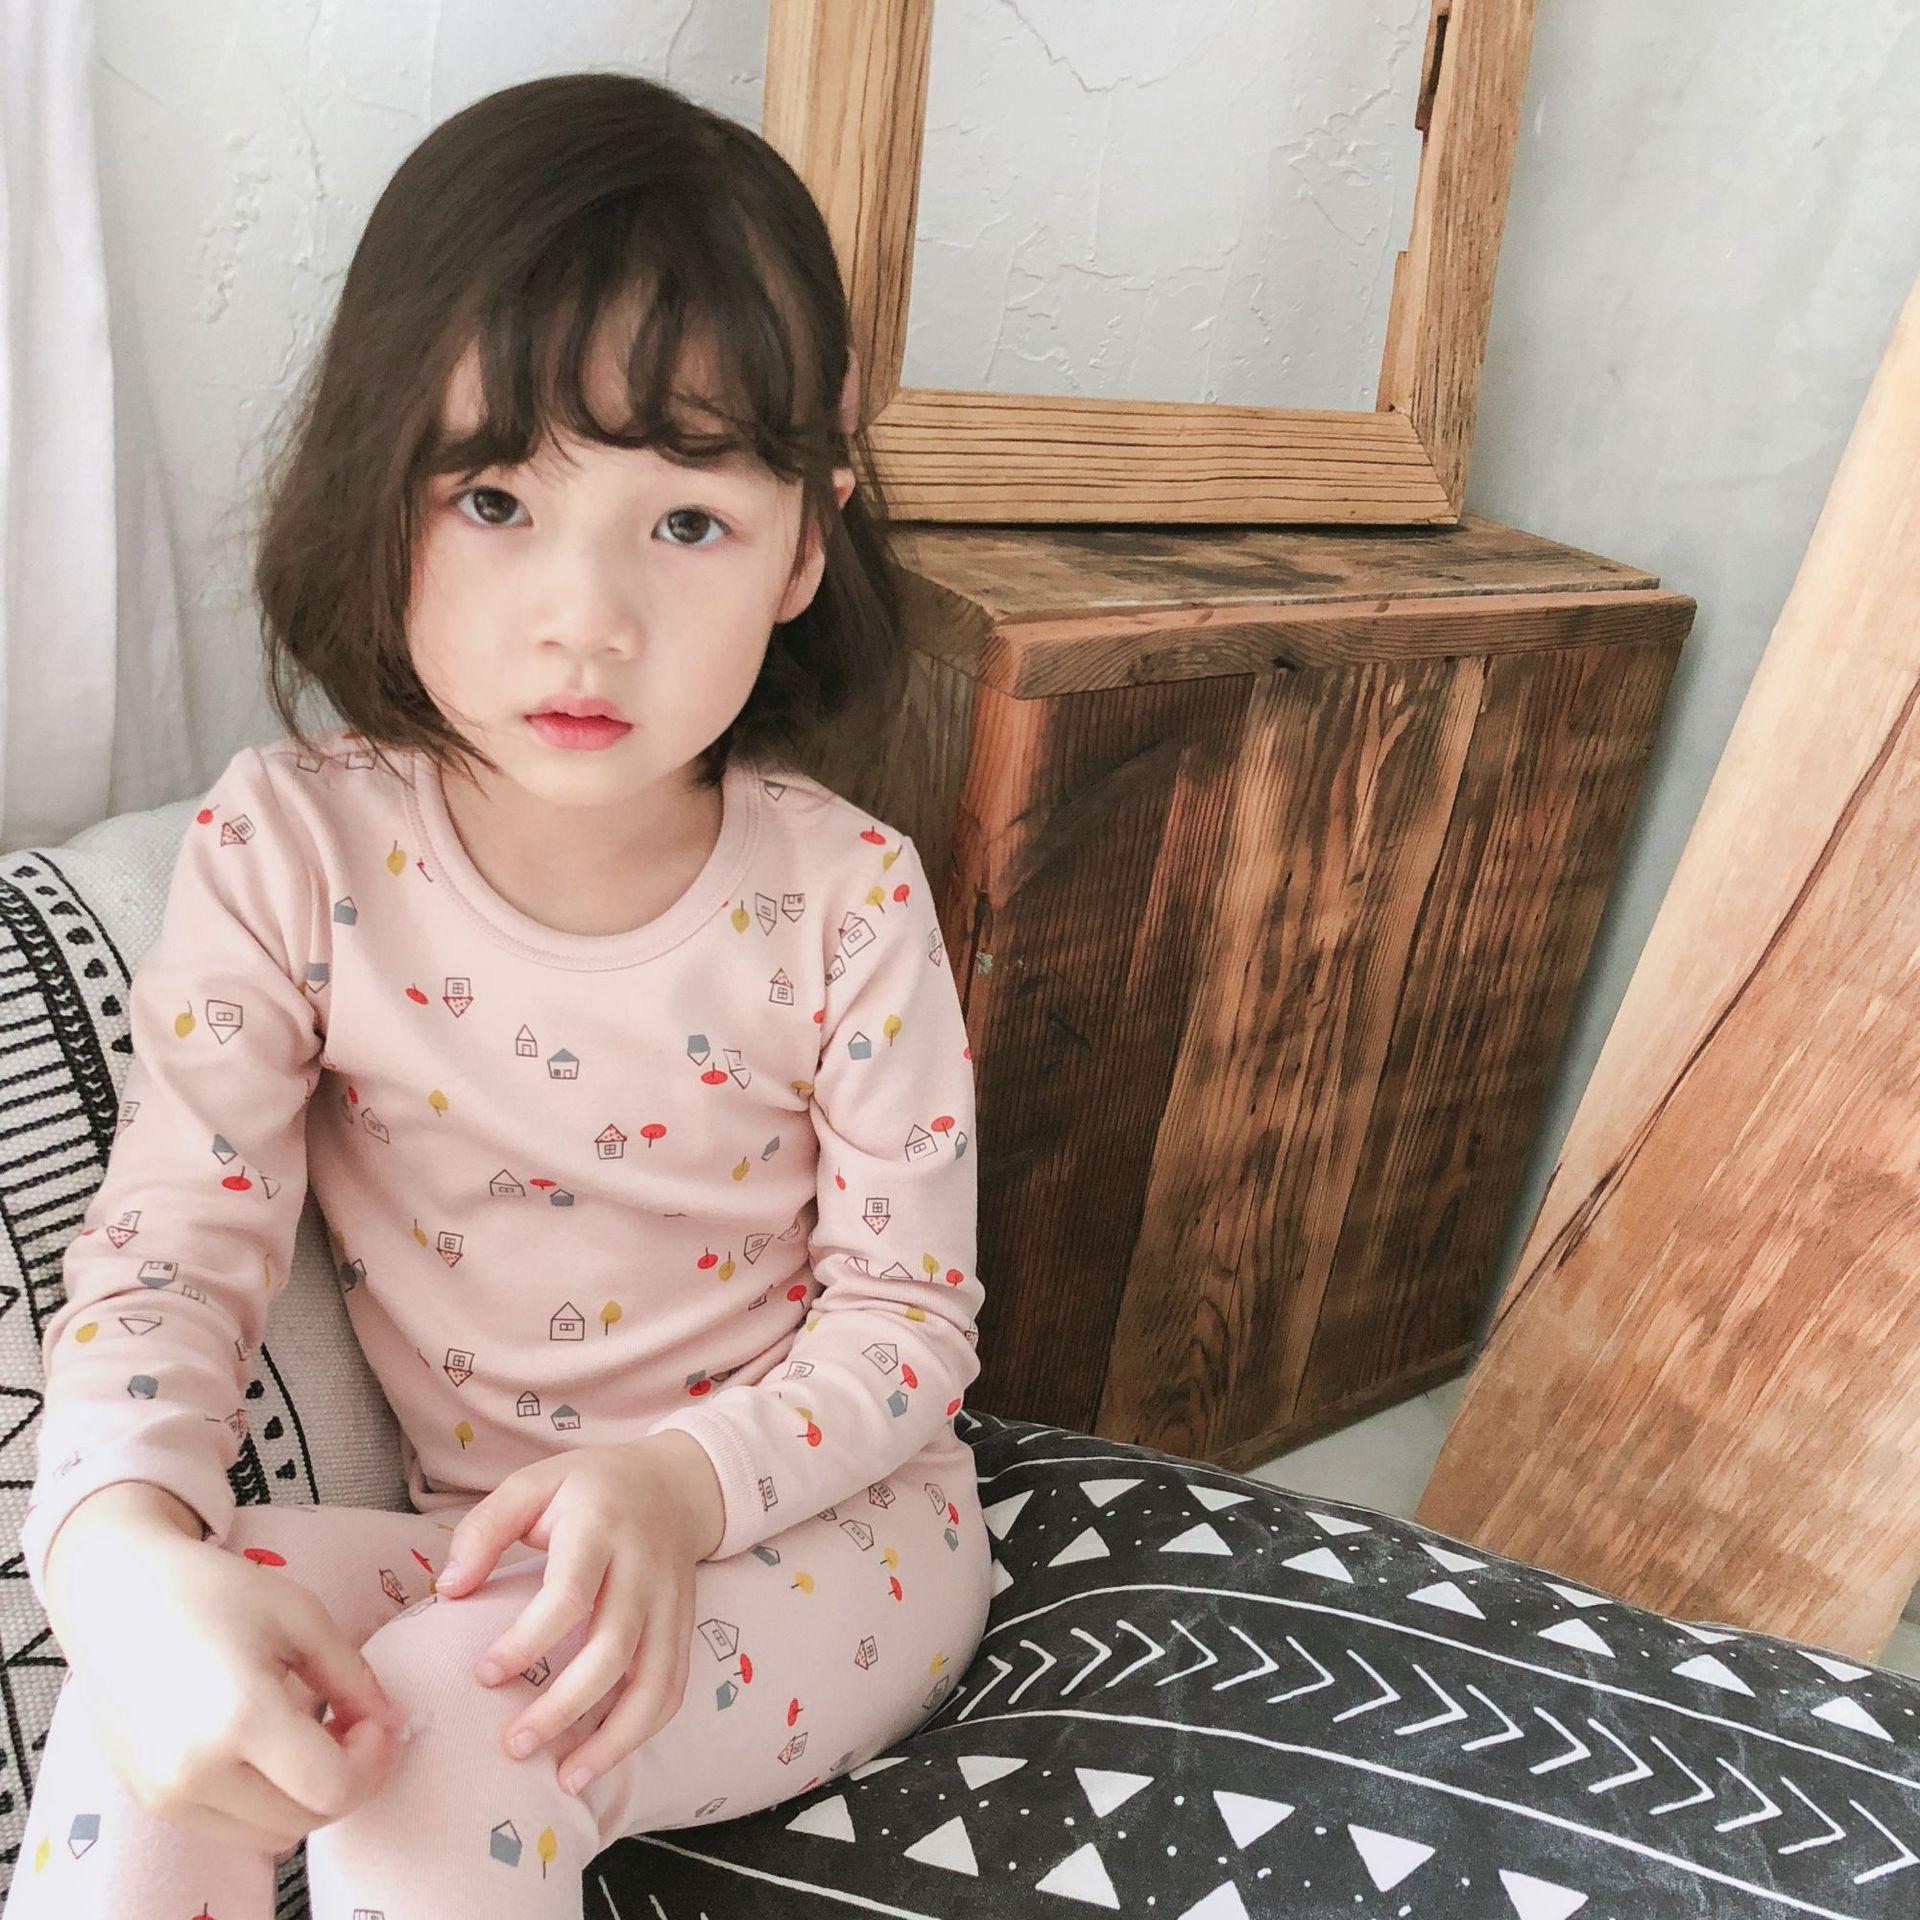 Đồ ngủ trẻ em 19 mùa thu và mùa đông mới quần áo trẻ em phục vụ nhà của trẻ em phù hợp với phim hoạt